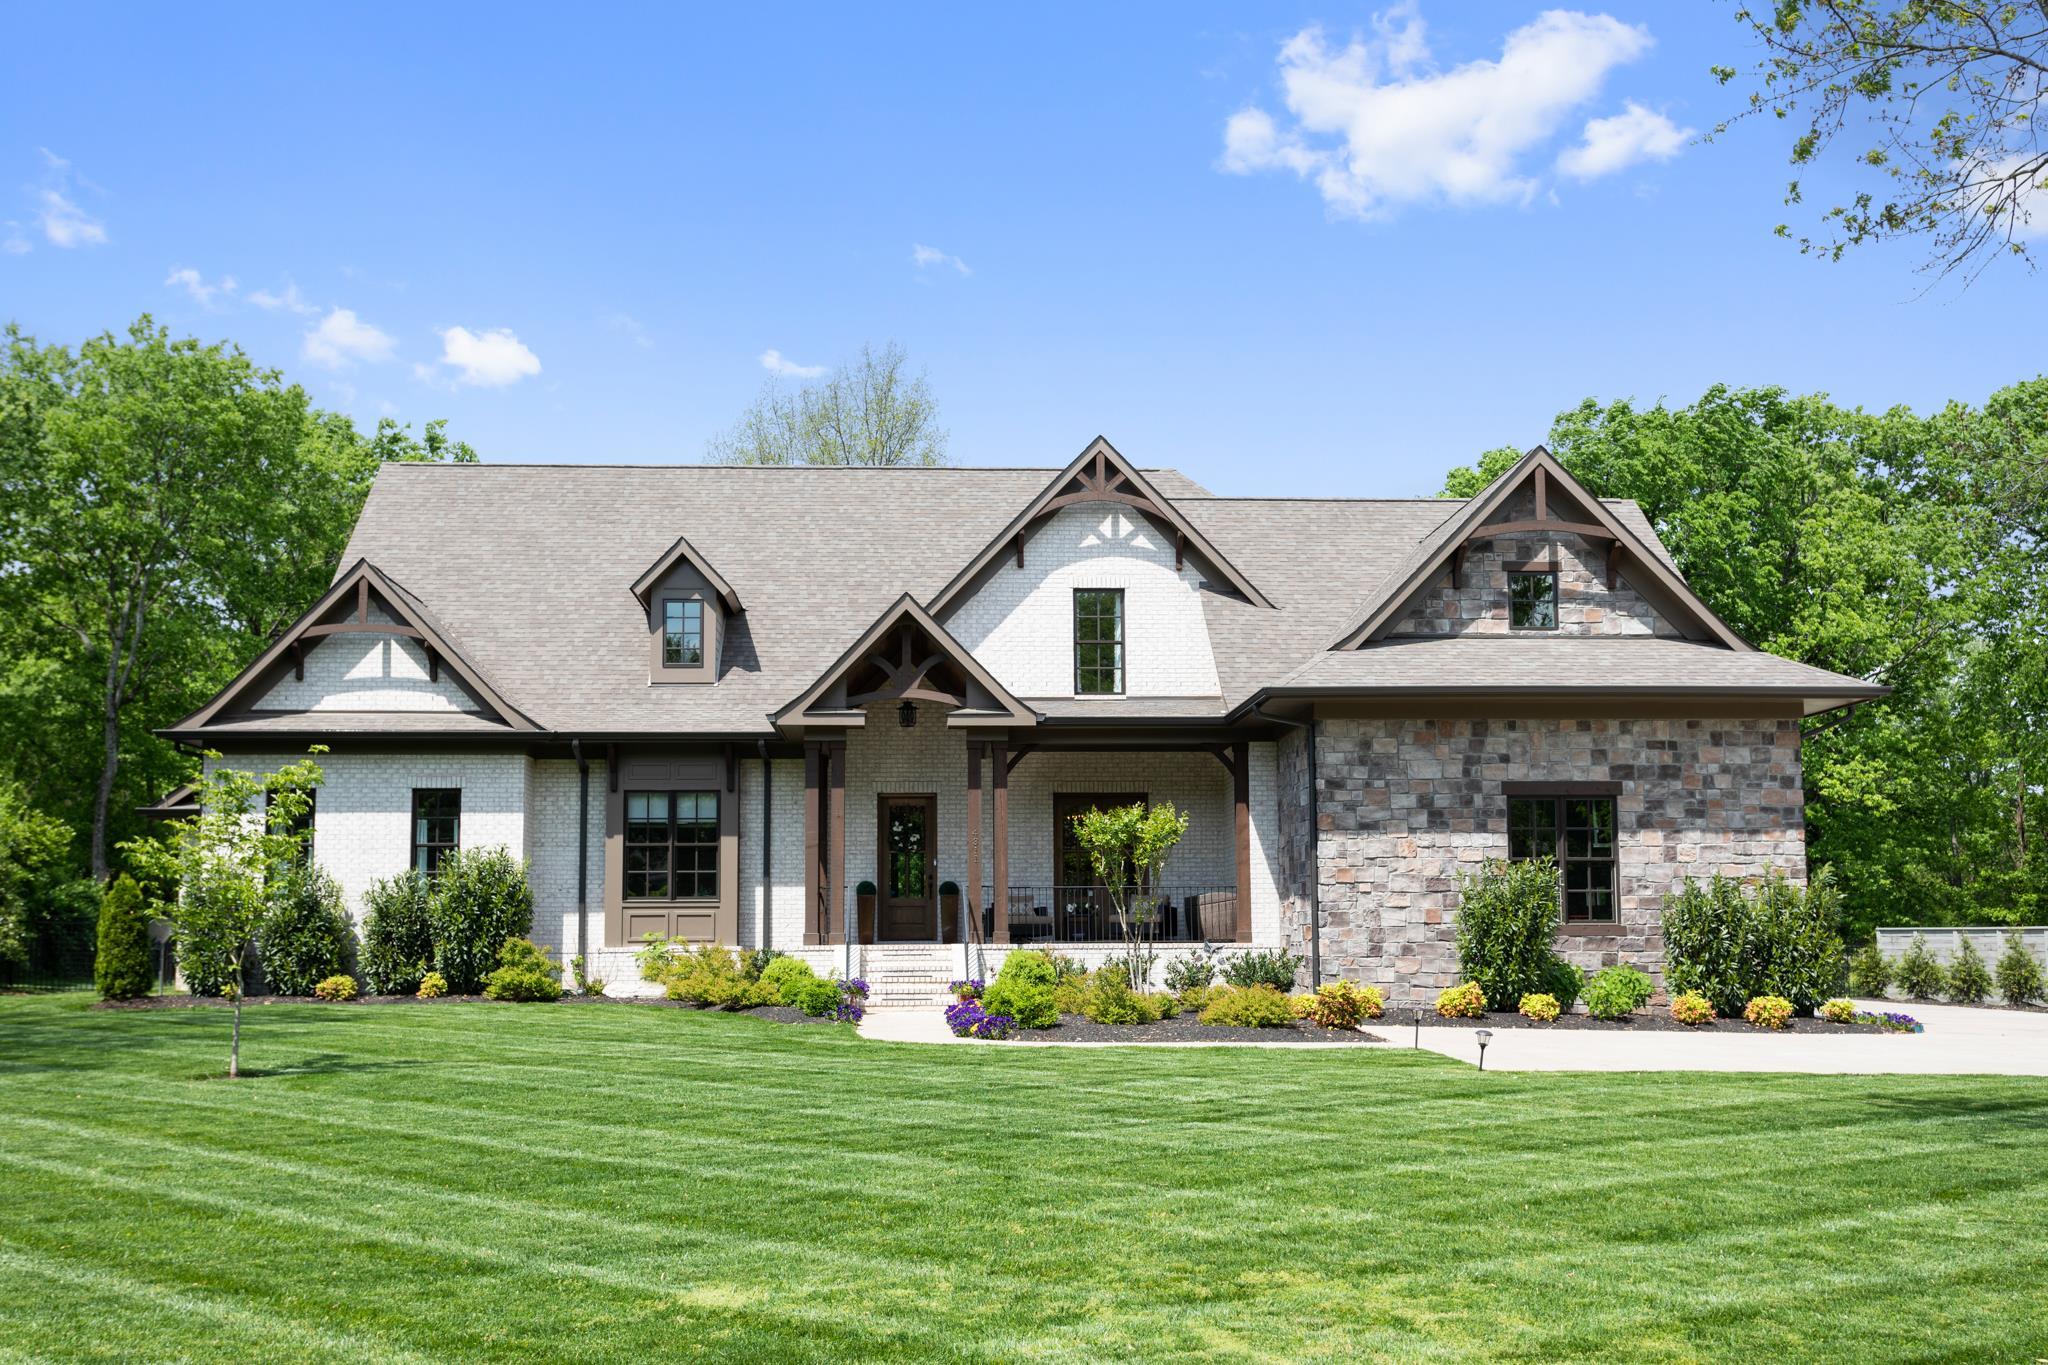 4311 Prescott Rd, Nashville, TN 37204 - Nashville, TN real estate listing